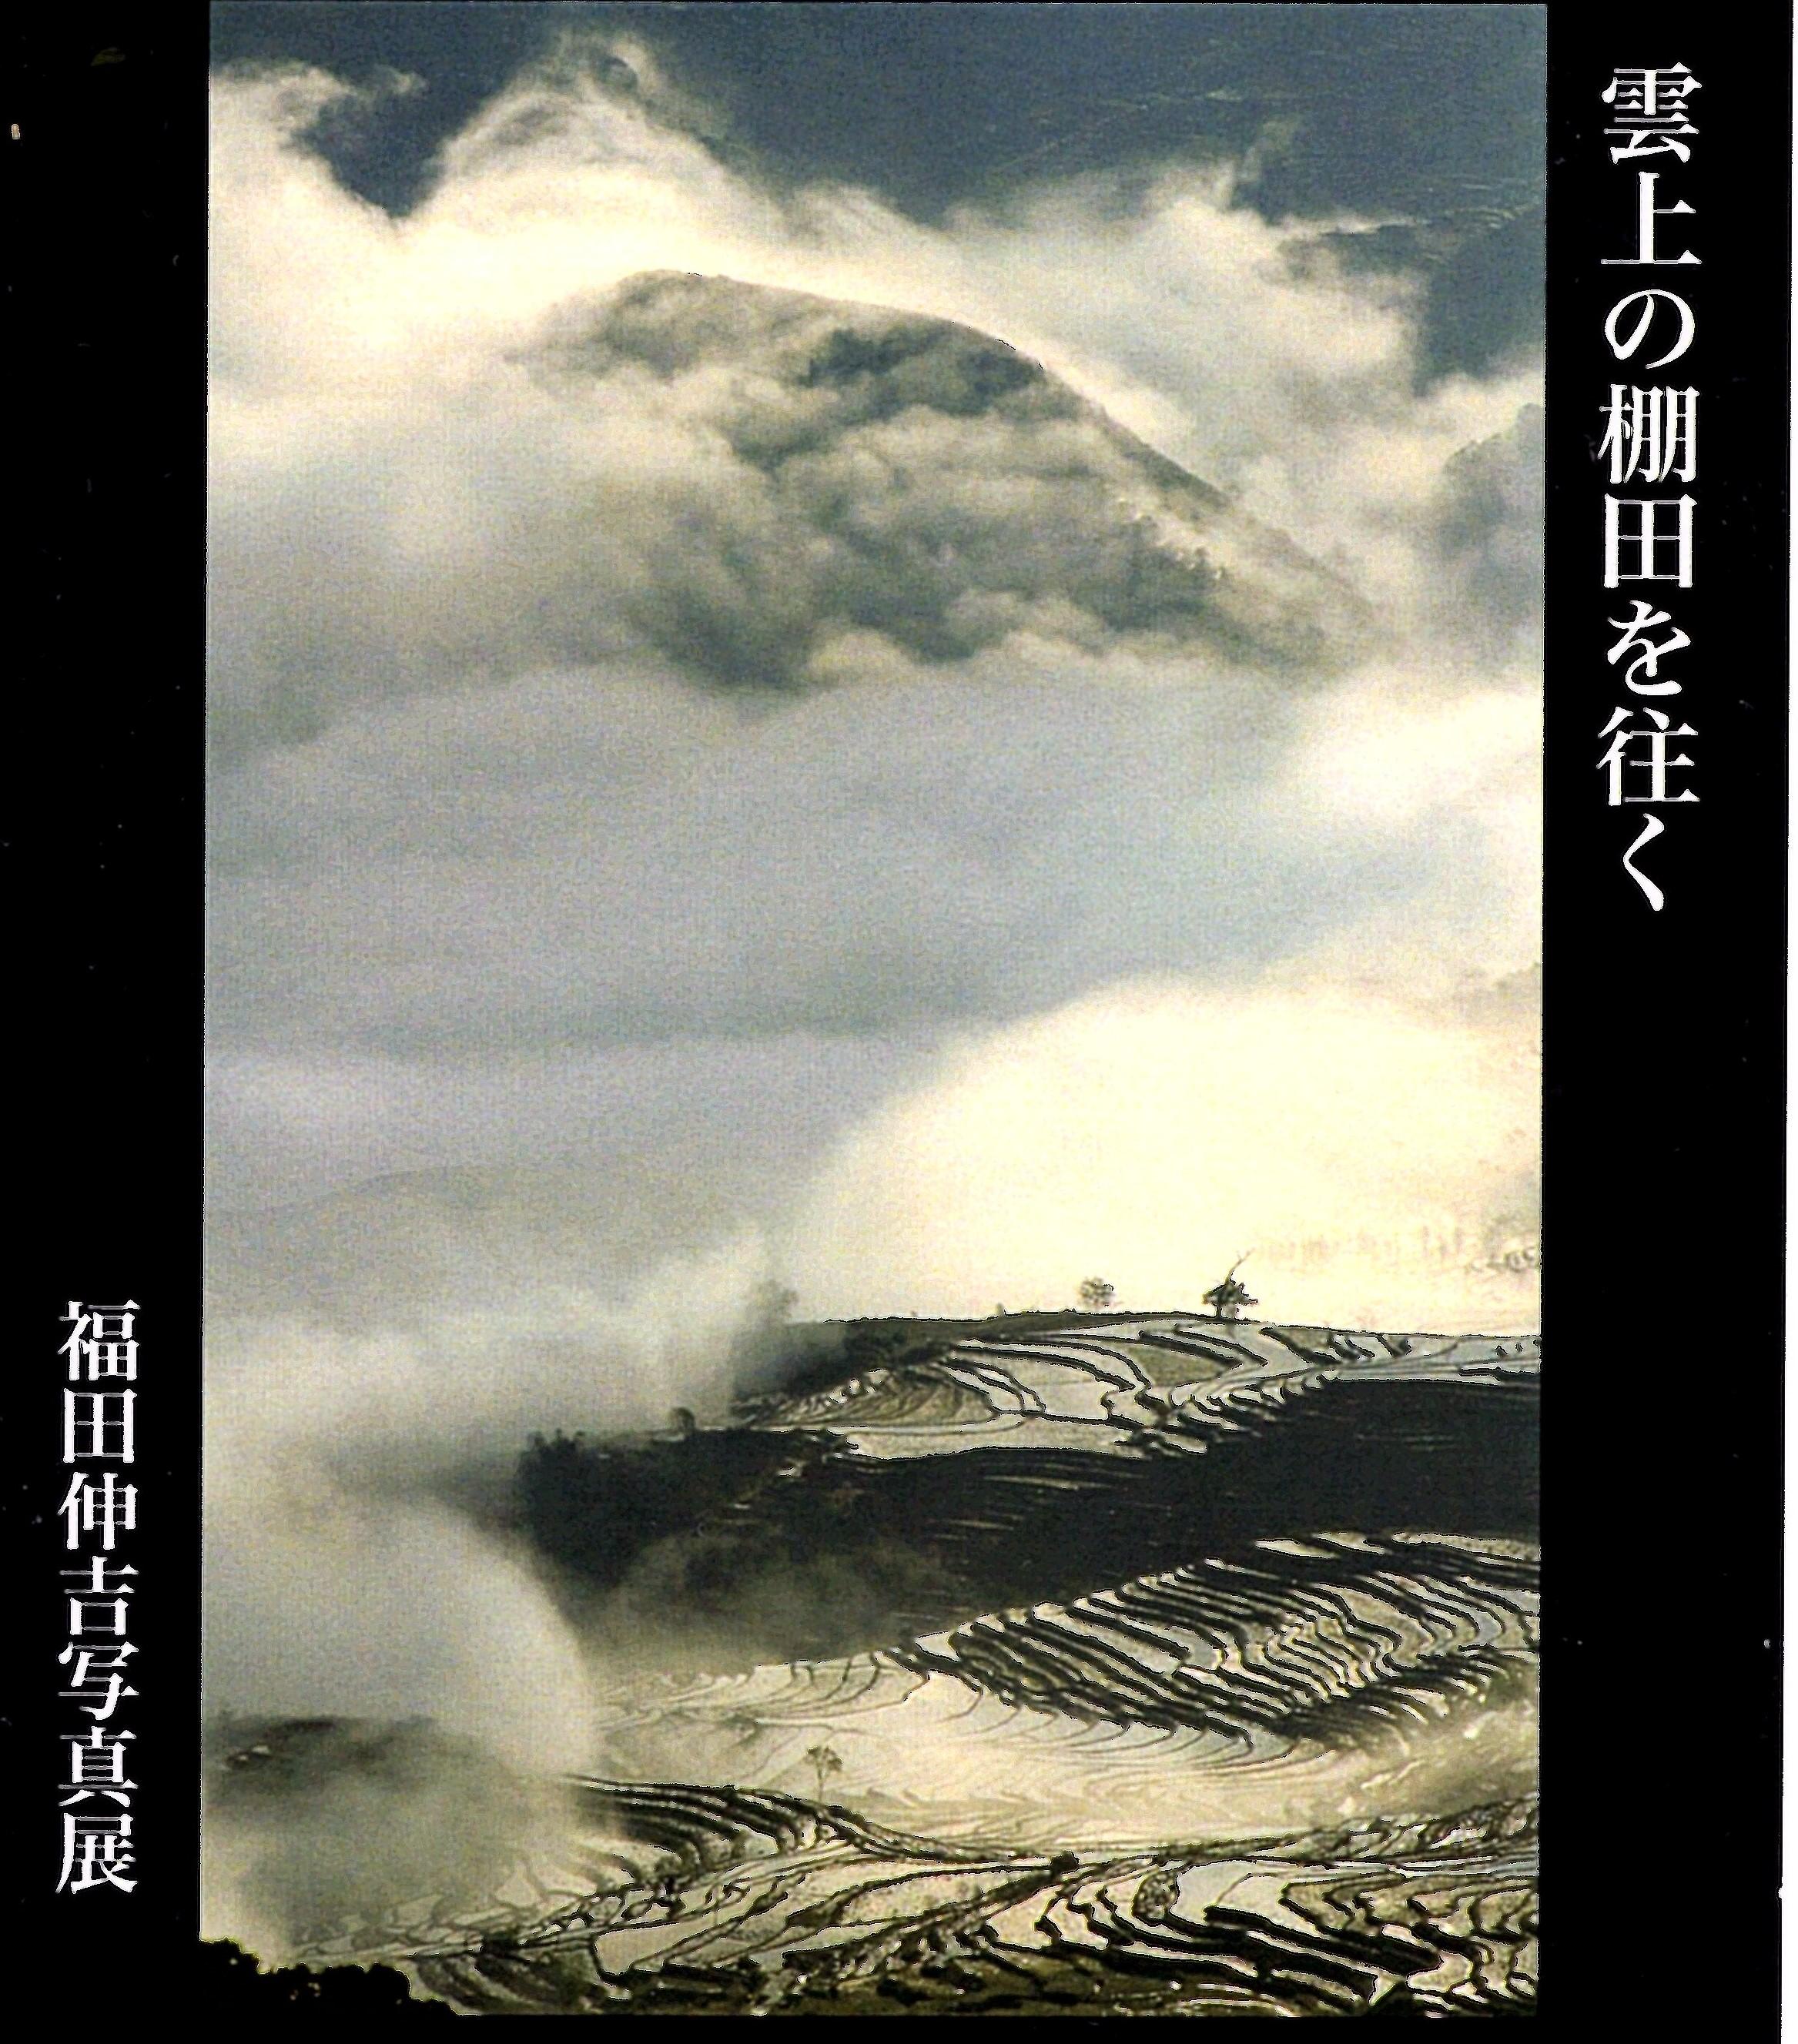 Fukuda_img20190523_14473357